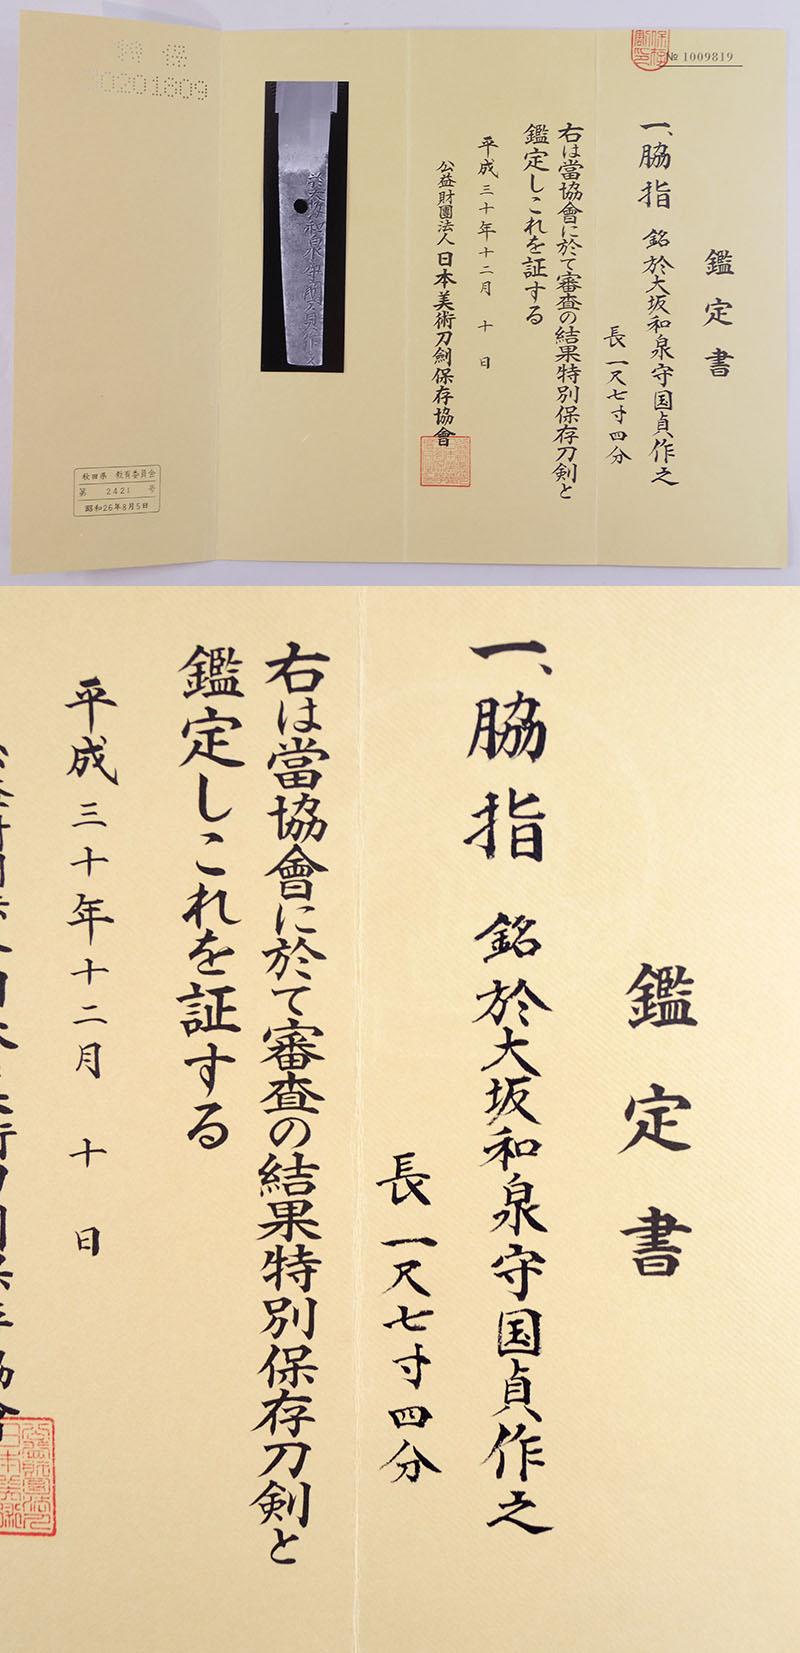 於大坂和泉守国貞作之(親国貞) Picture of Certificate